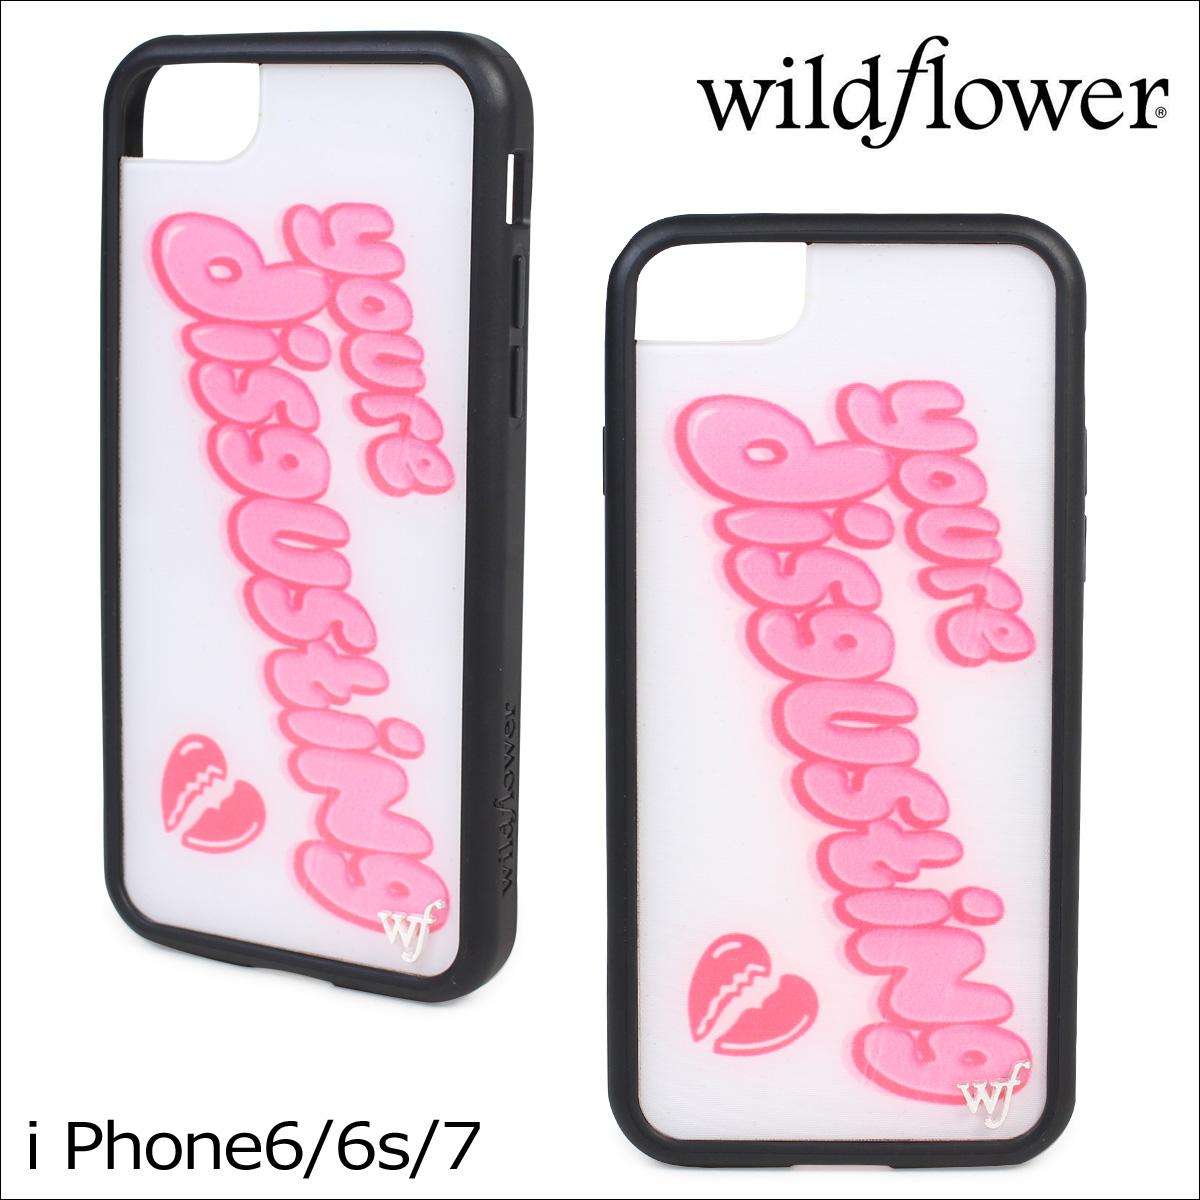 wildflower ワイルドフラワー iPhone8 SE 7 6 6s ケース スマホ 携帯 アイフォン レディース ホワイト 白 DISG ネコポス可